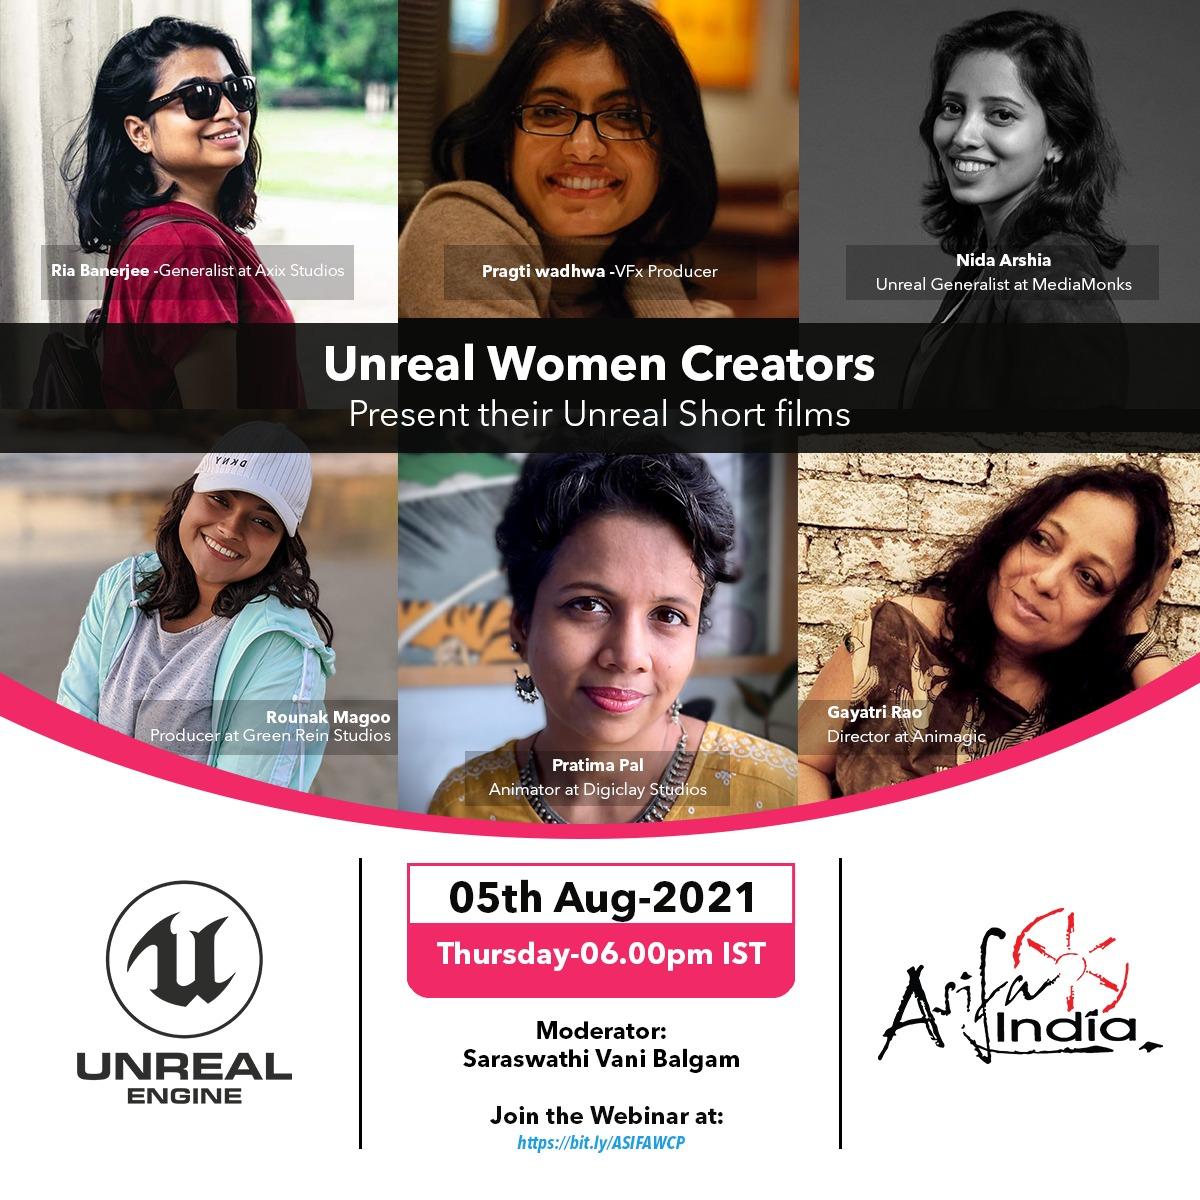 Unreal Women Creators